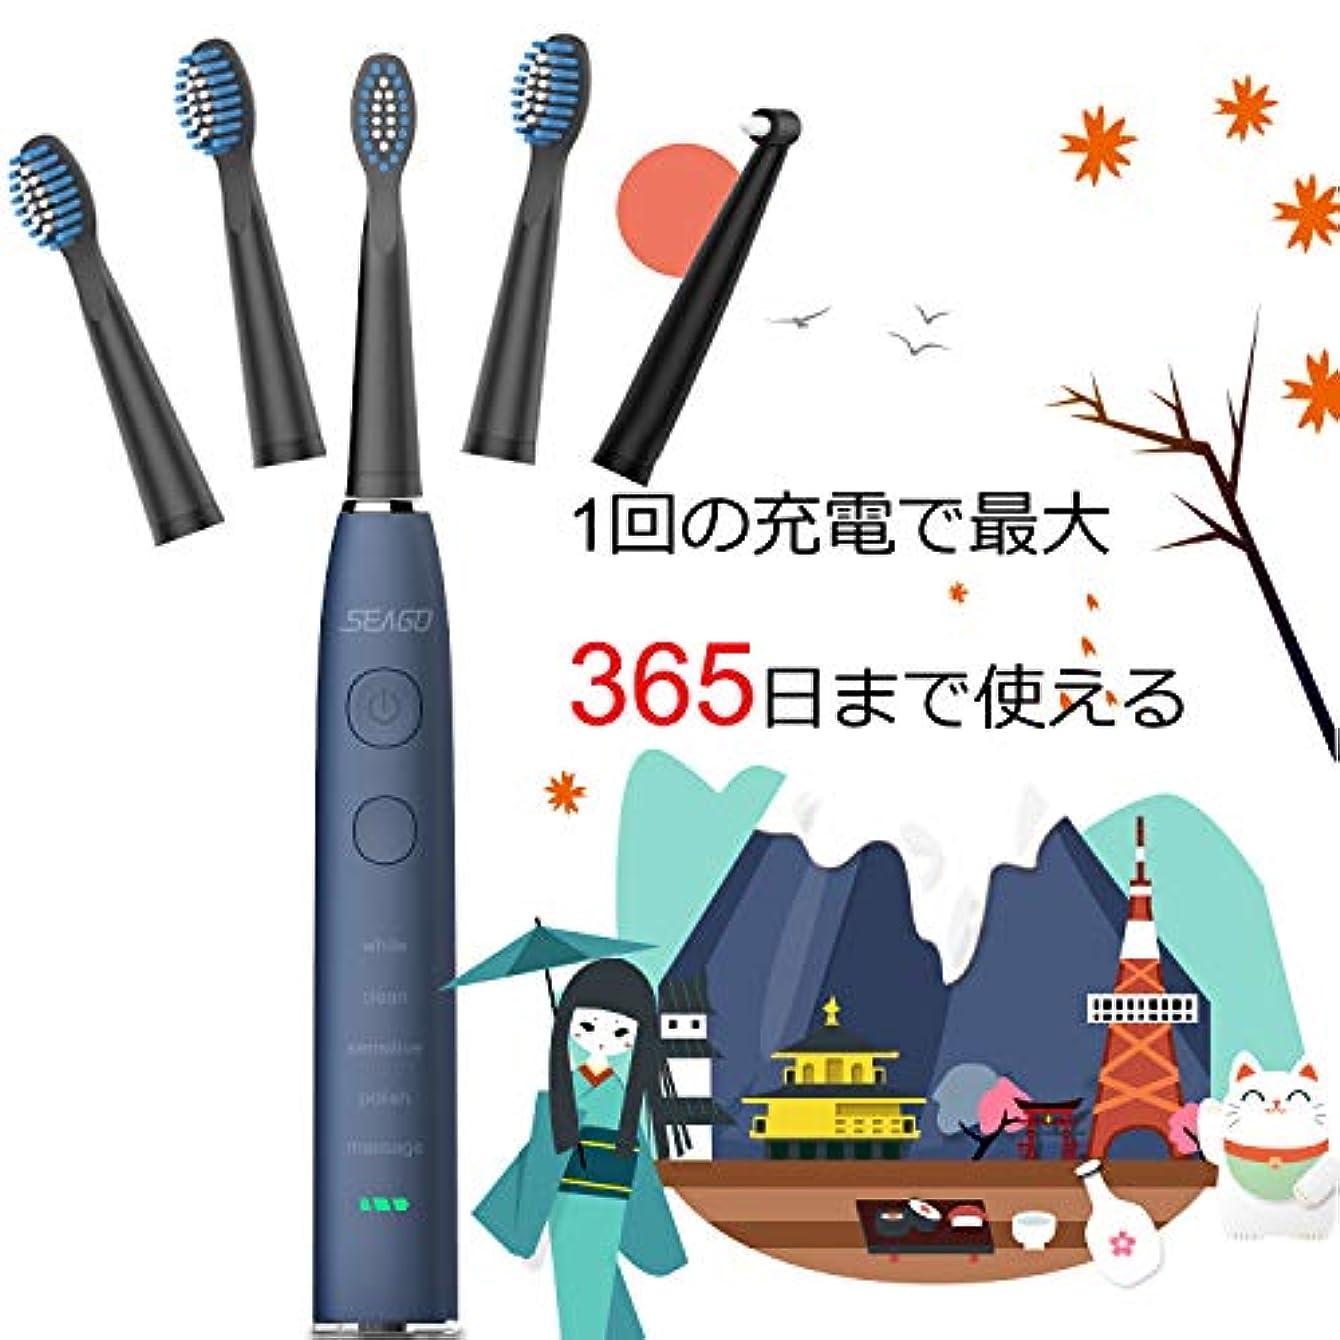 三番リア王無効電動歯ブラシ 歯ブラシ seago 音波歯ブラシ USB充電式8時間 365日に使用 IPX7防水 五つモードと2分オートタイマー機能搭載 替えブラシ5本 12ヶ月メーカー保証 SG-575(ブルー)